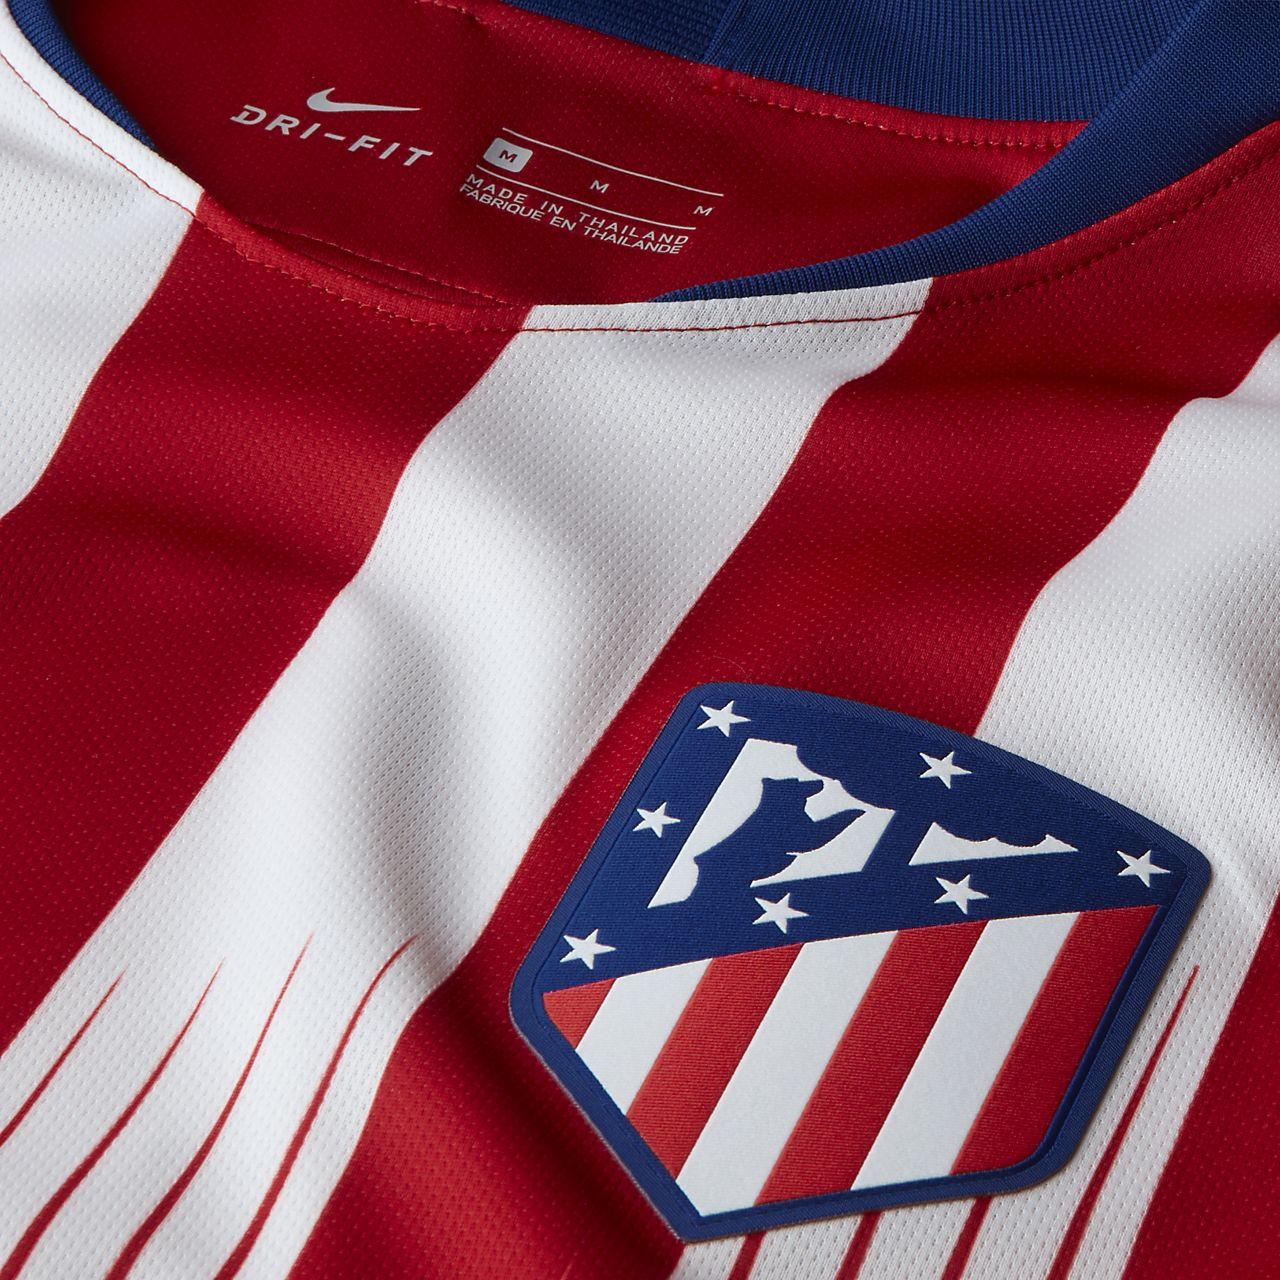 d6c21a5b0f40a ... Camiseta de fútbol para hombre de local Stadium del Atlético de Madrid  2018 19